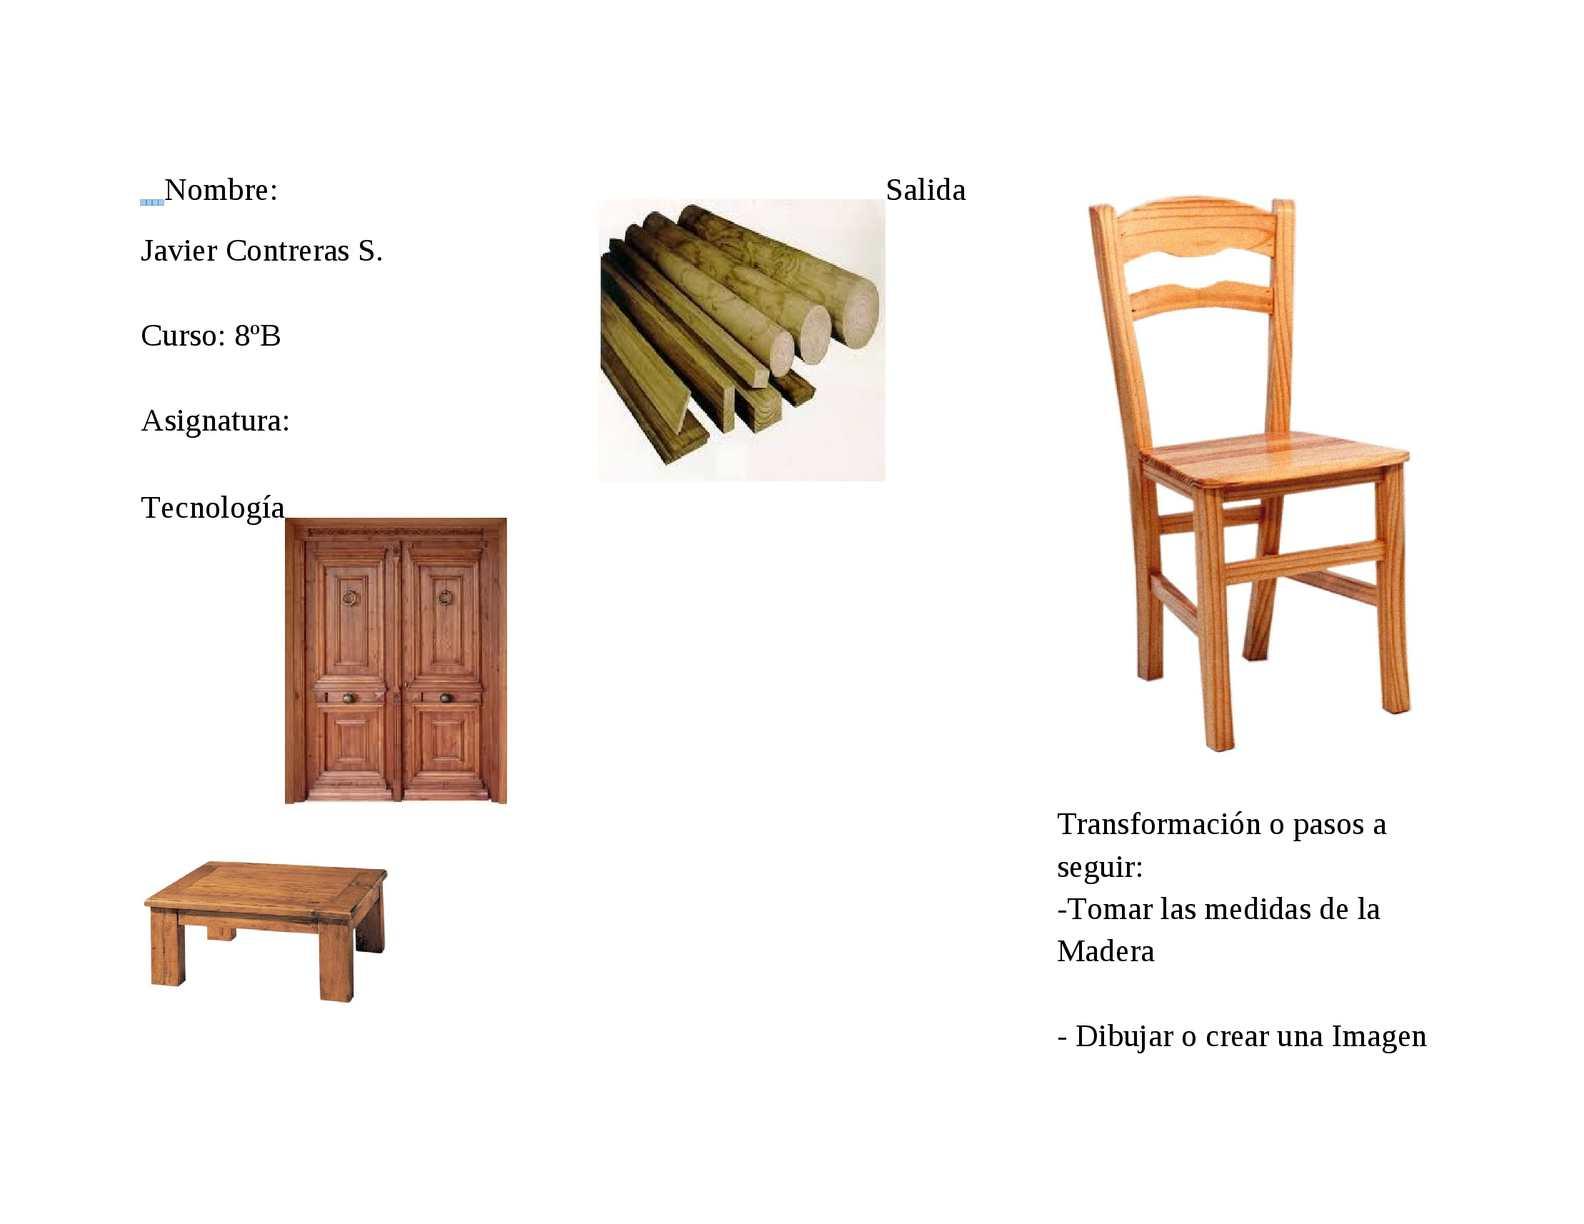 Calam o proceso productivo de la silla - Materiales para tapizar una silla ...